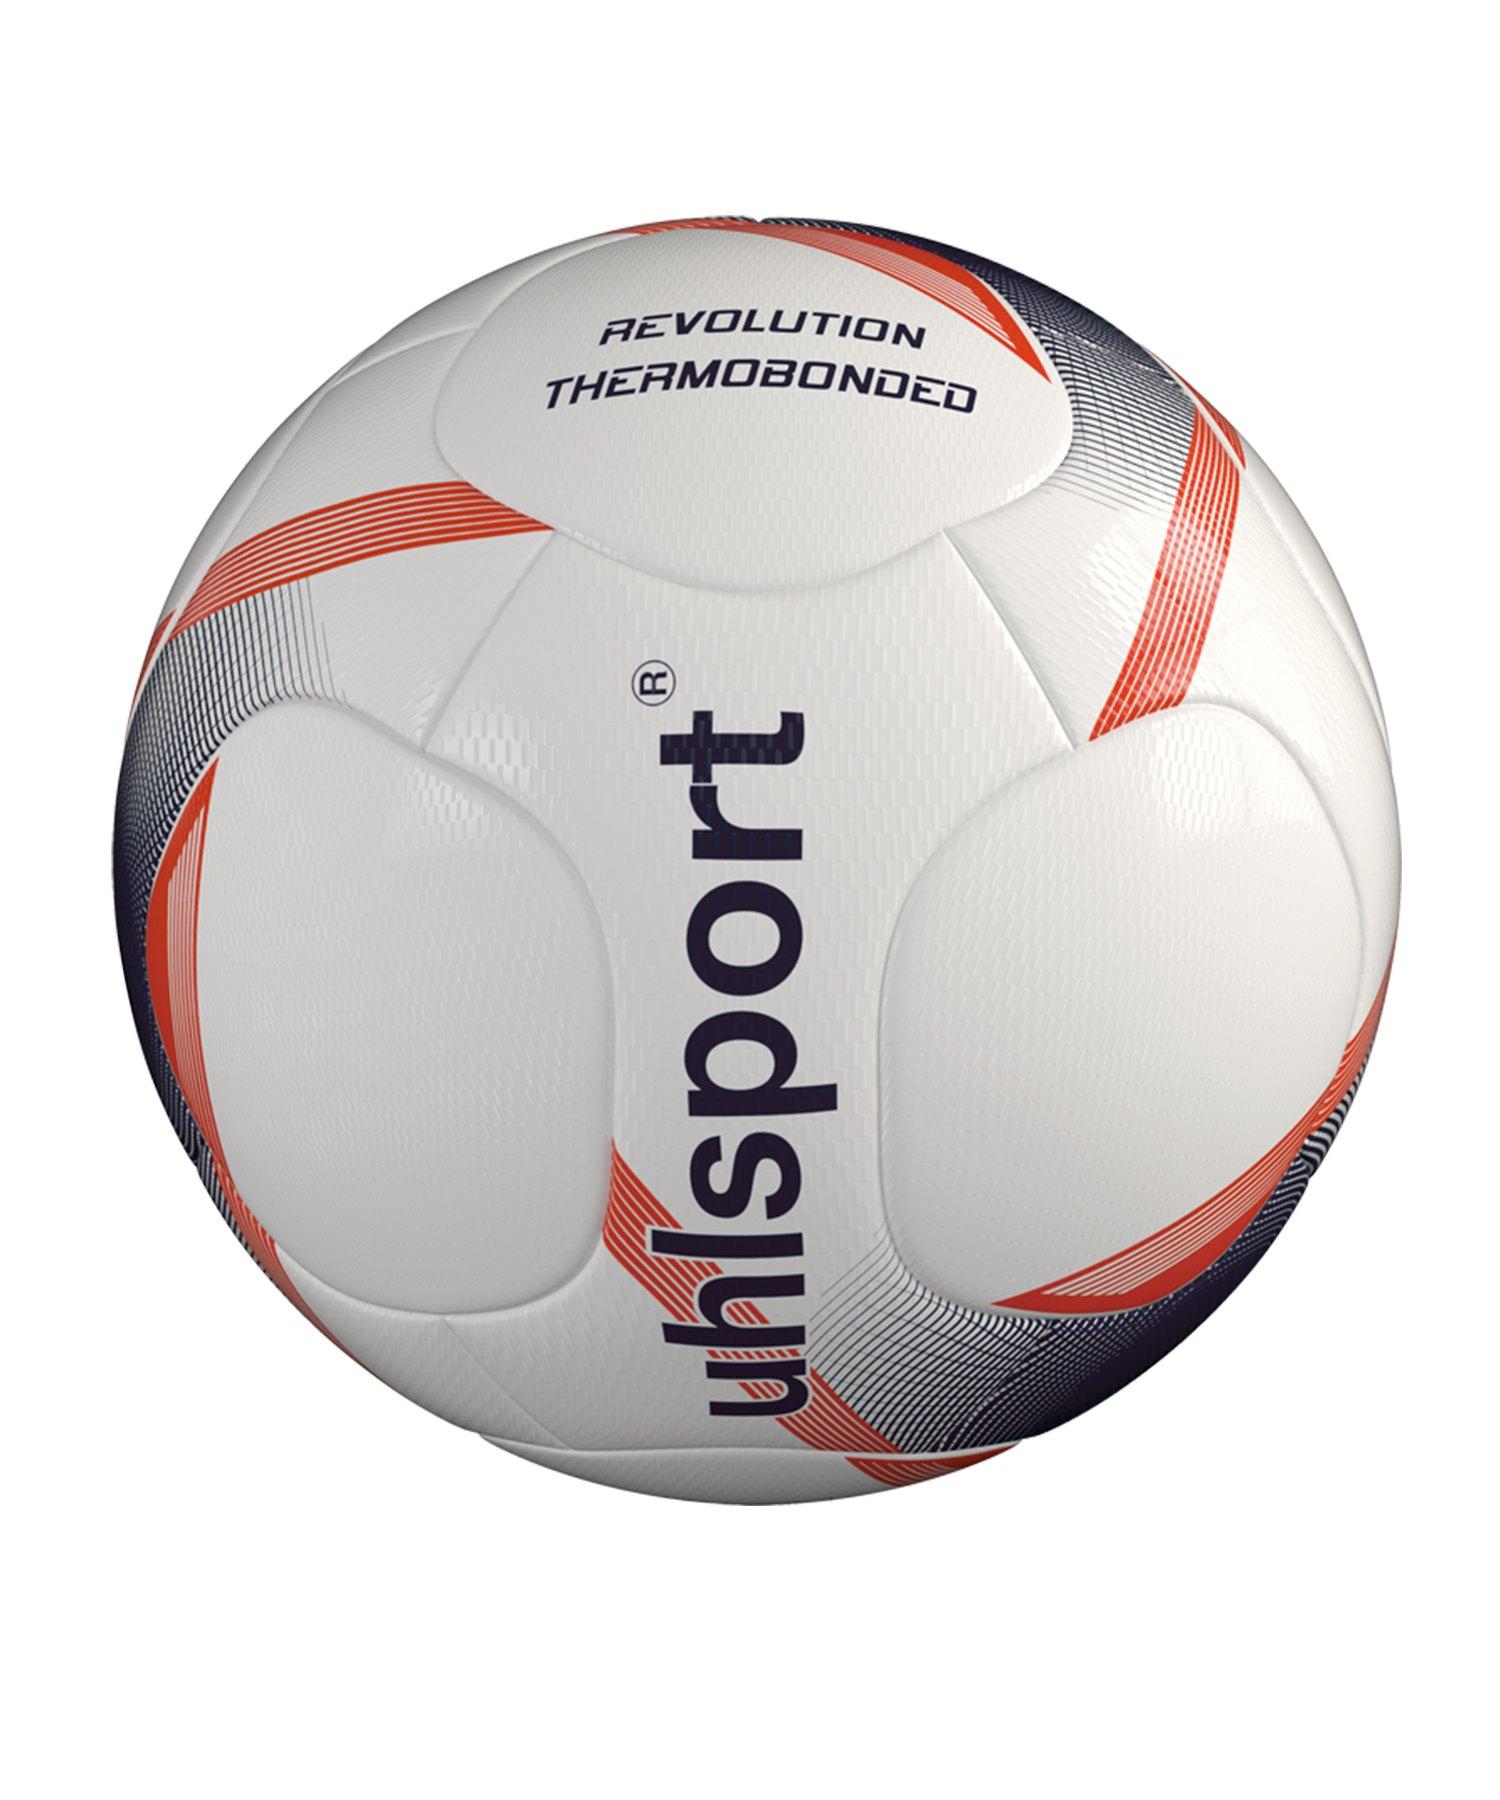 Uhlsport Infinity Revolution 3.0 Fussball F01 - weiss